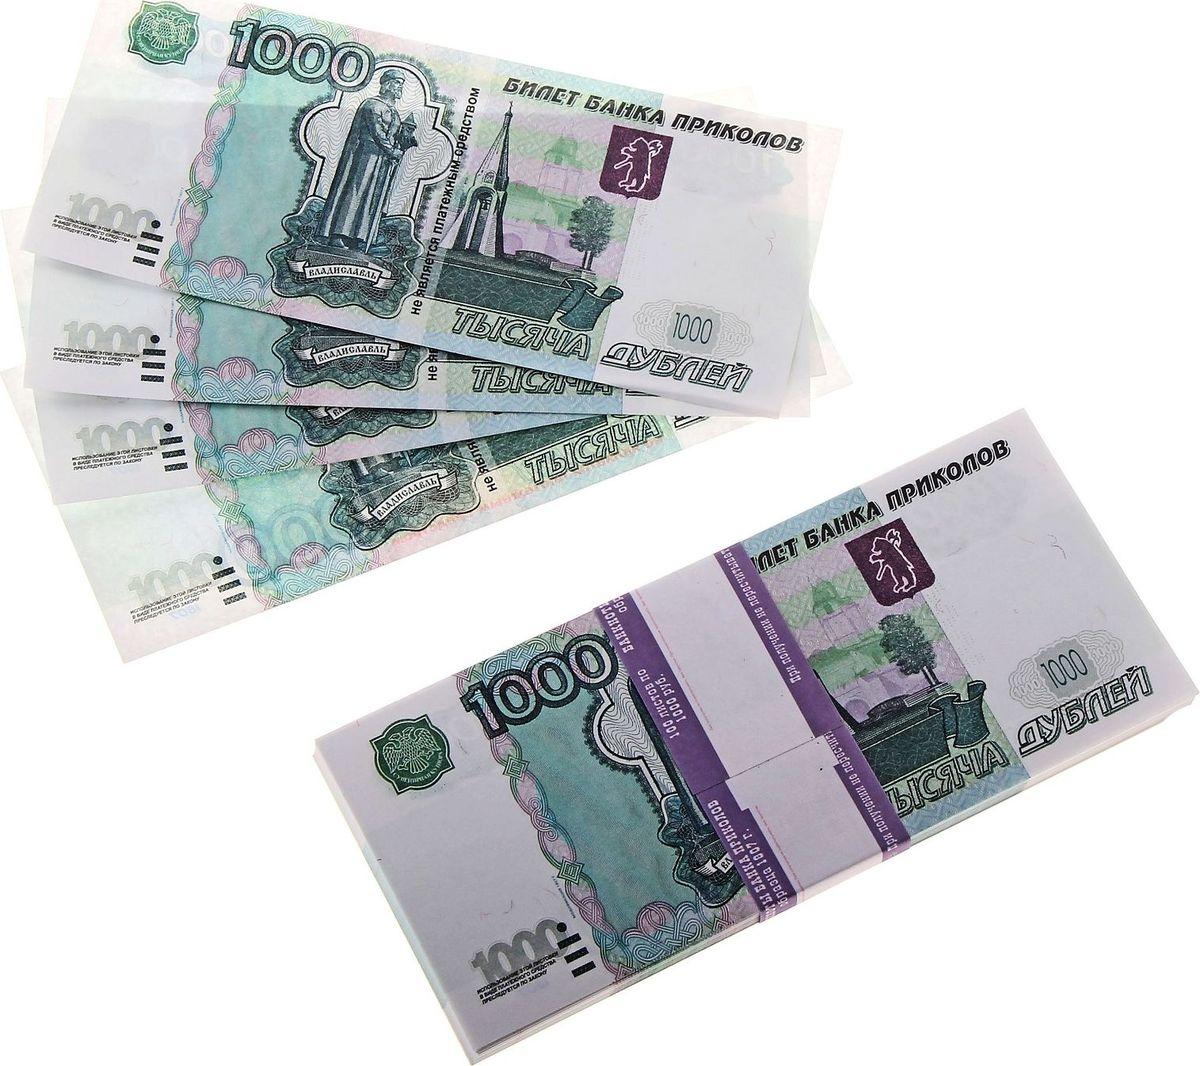 Деньги сувенирные ОКеюшки Пачка купюр 1000 рублей. 156143 playstation store пополнение бумажника карта оплаты 1000 рублей